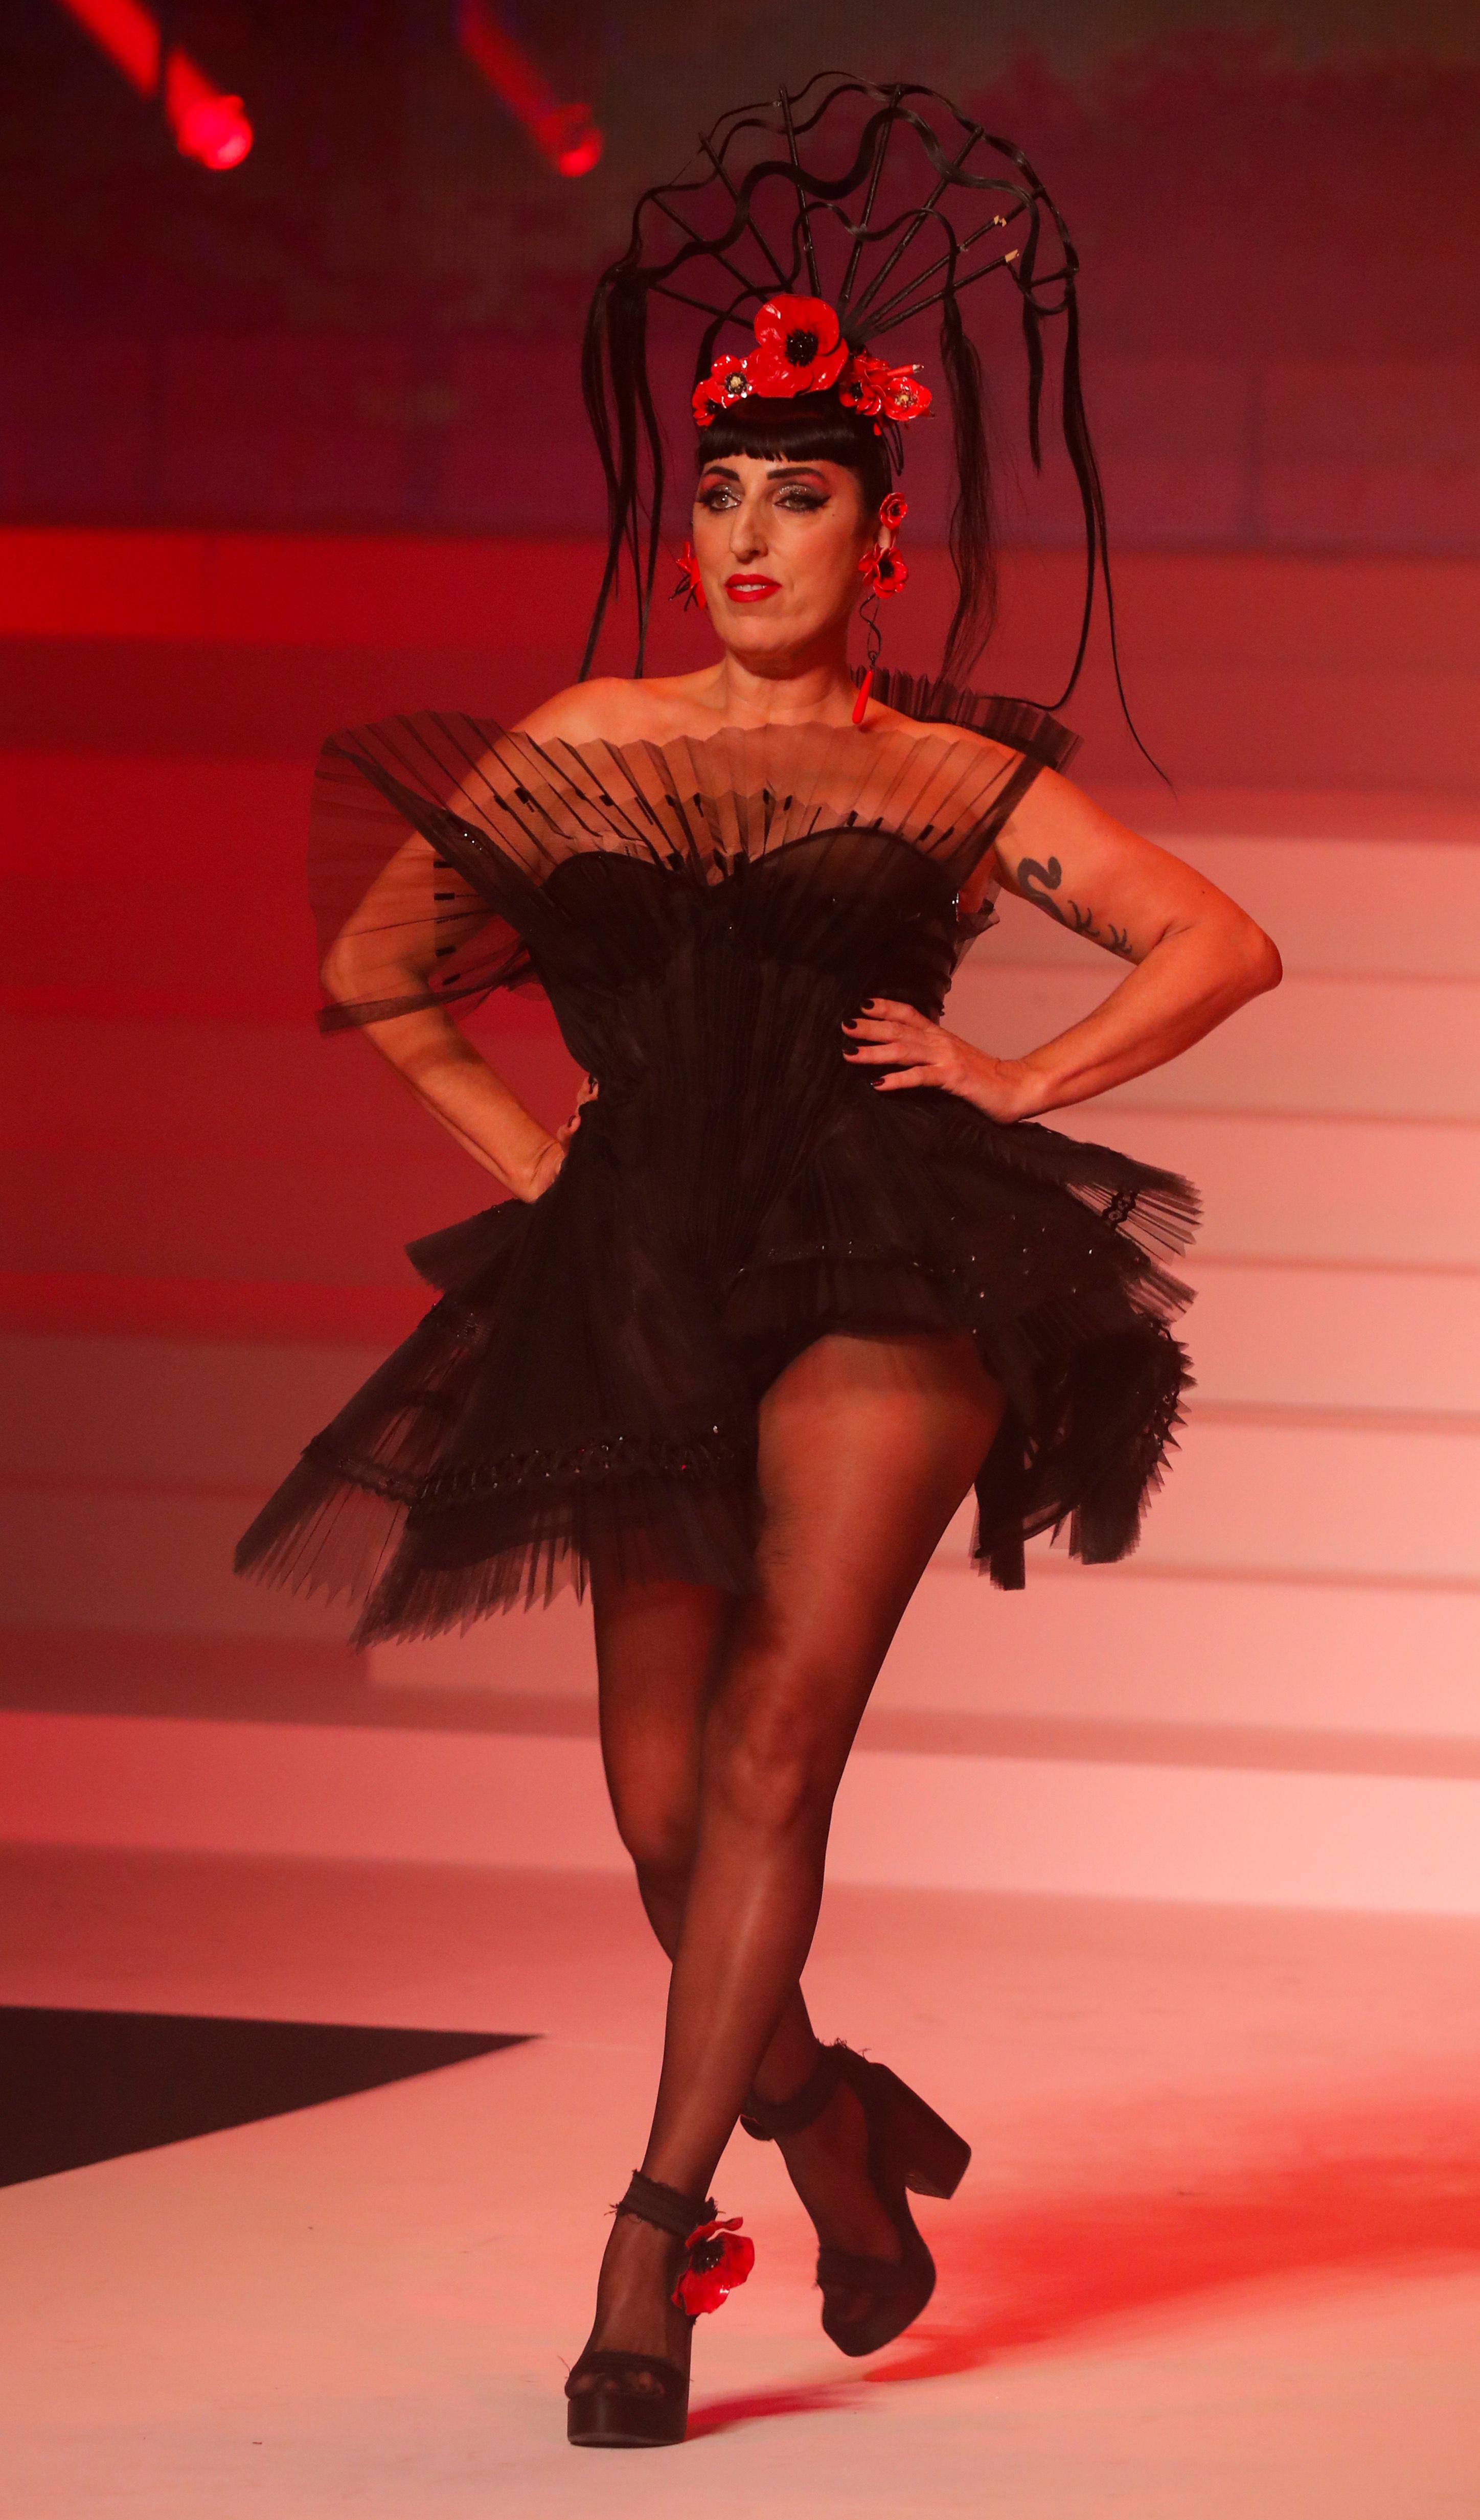 Rossy De Palma desfilando para el desfile haute couture con un diseño confeccionado en tul con corse y plisado en color negro